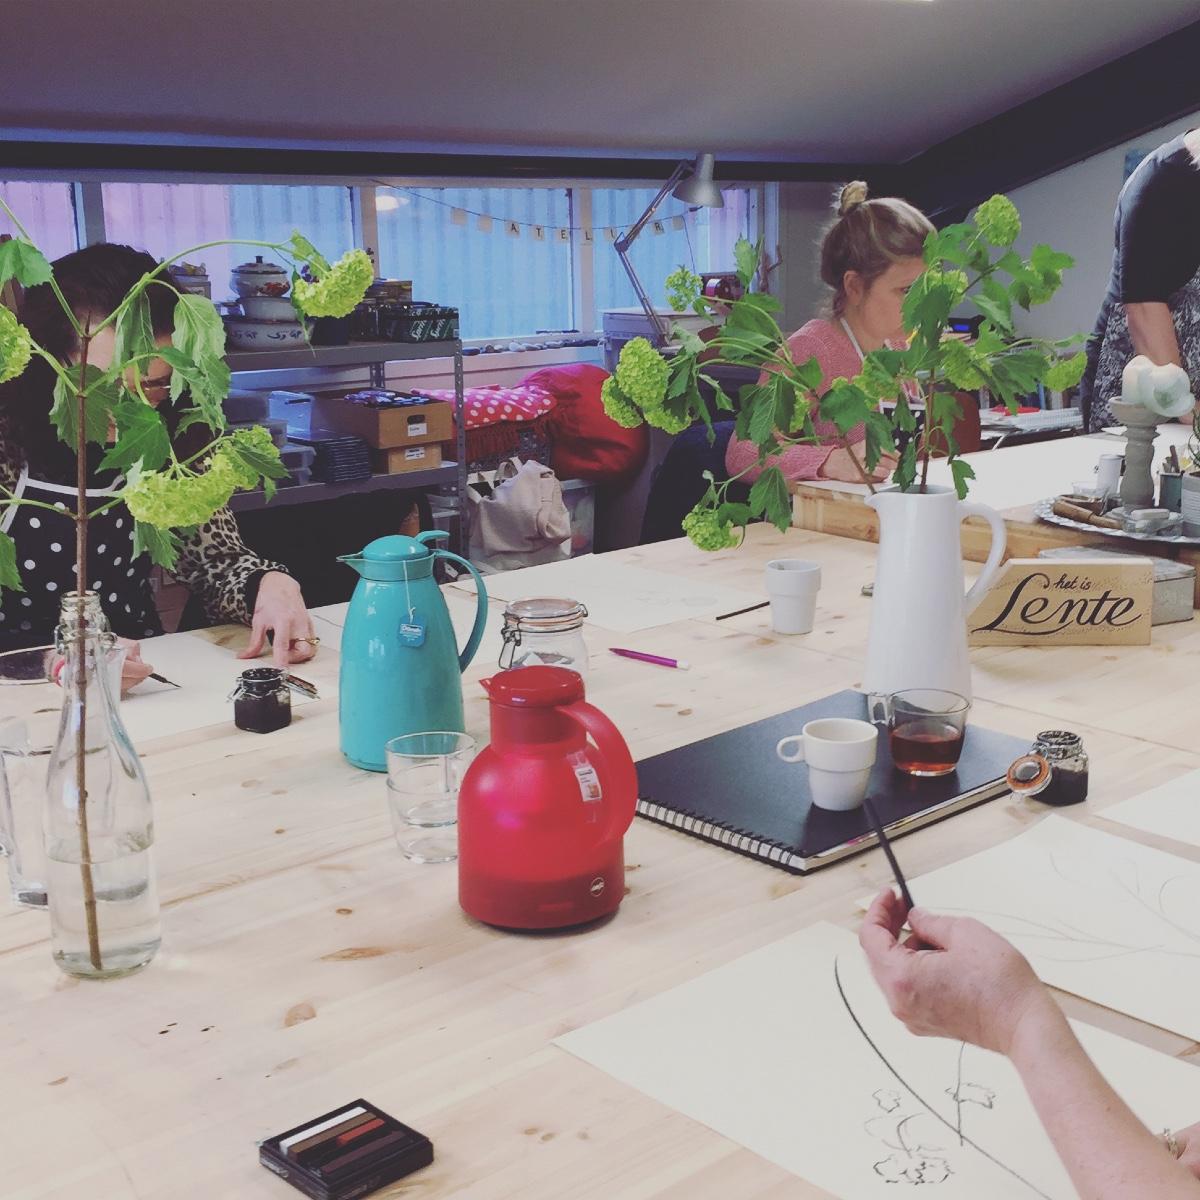 thee-atelier-1200x1200